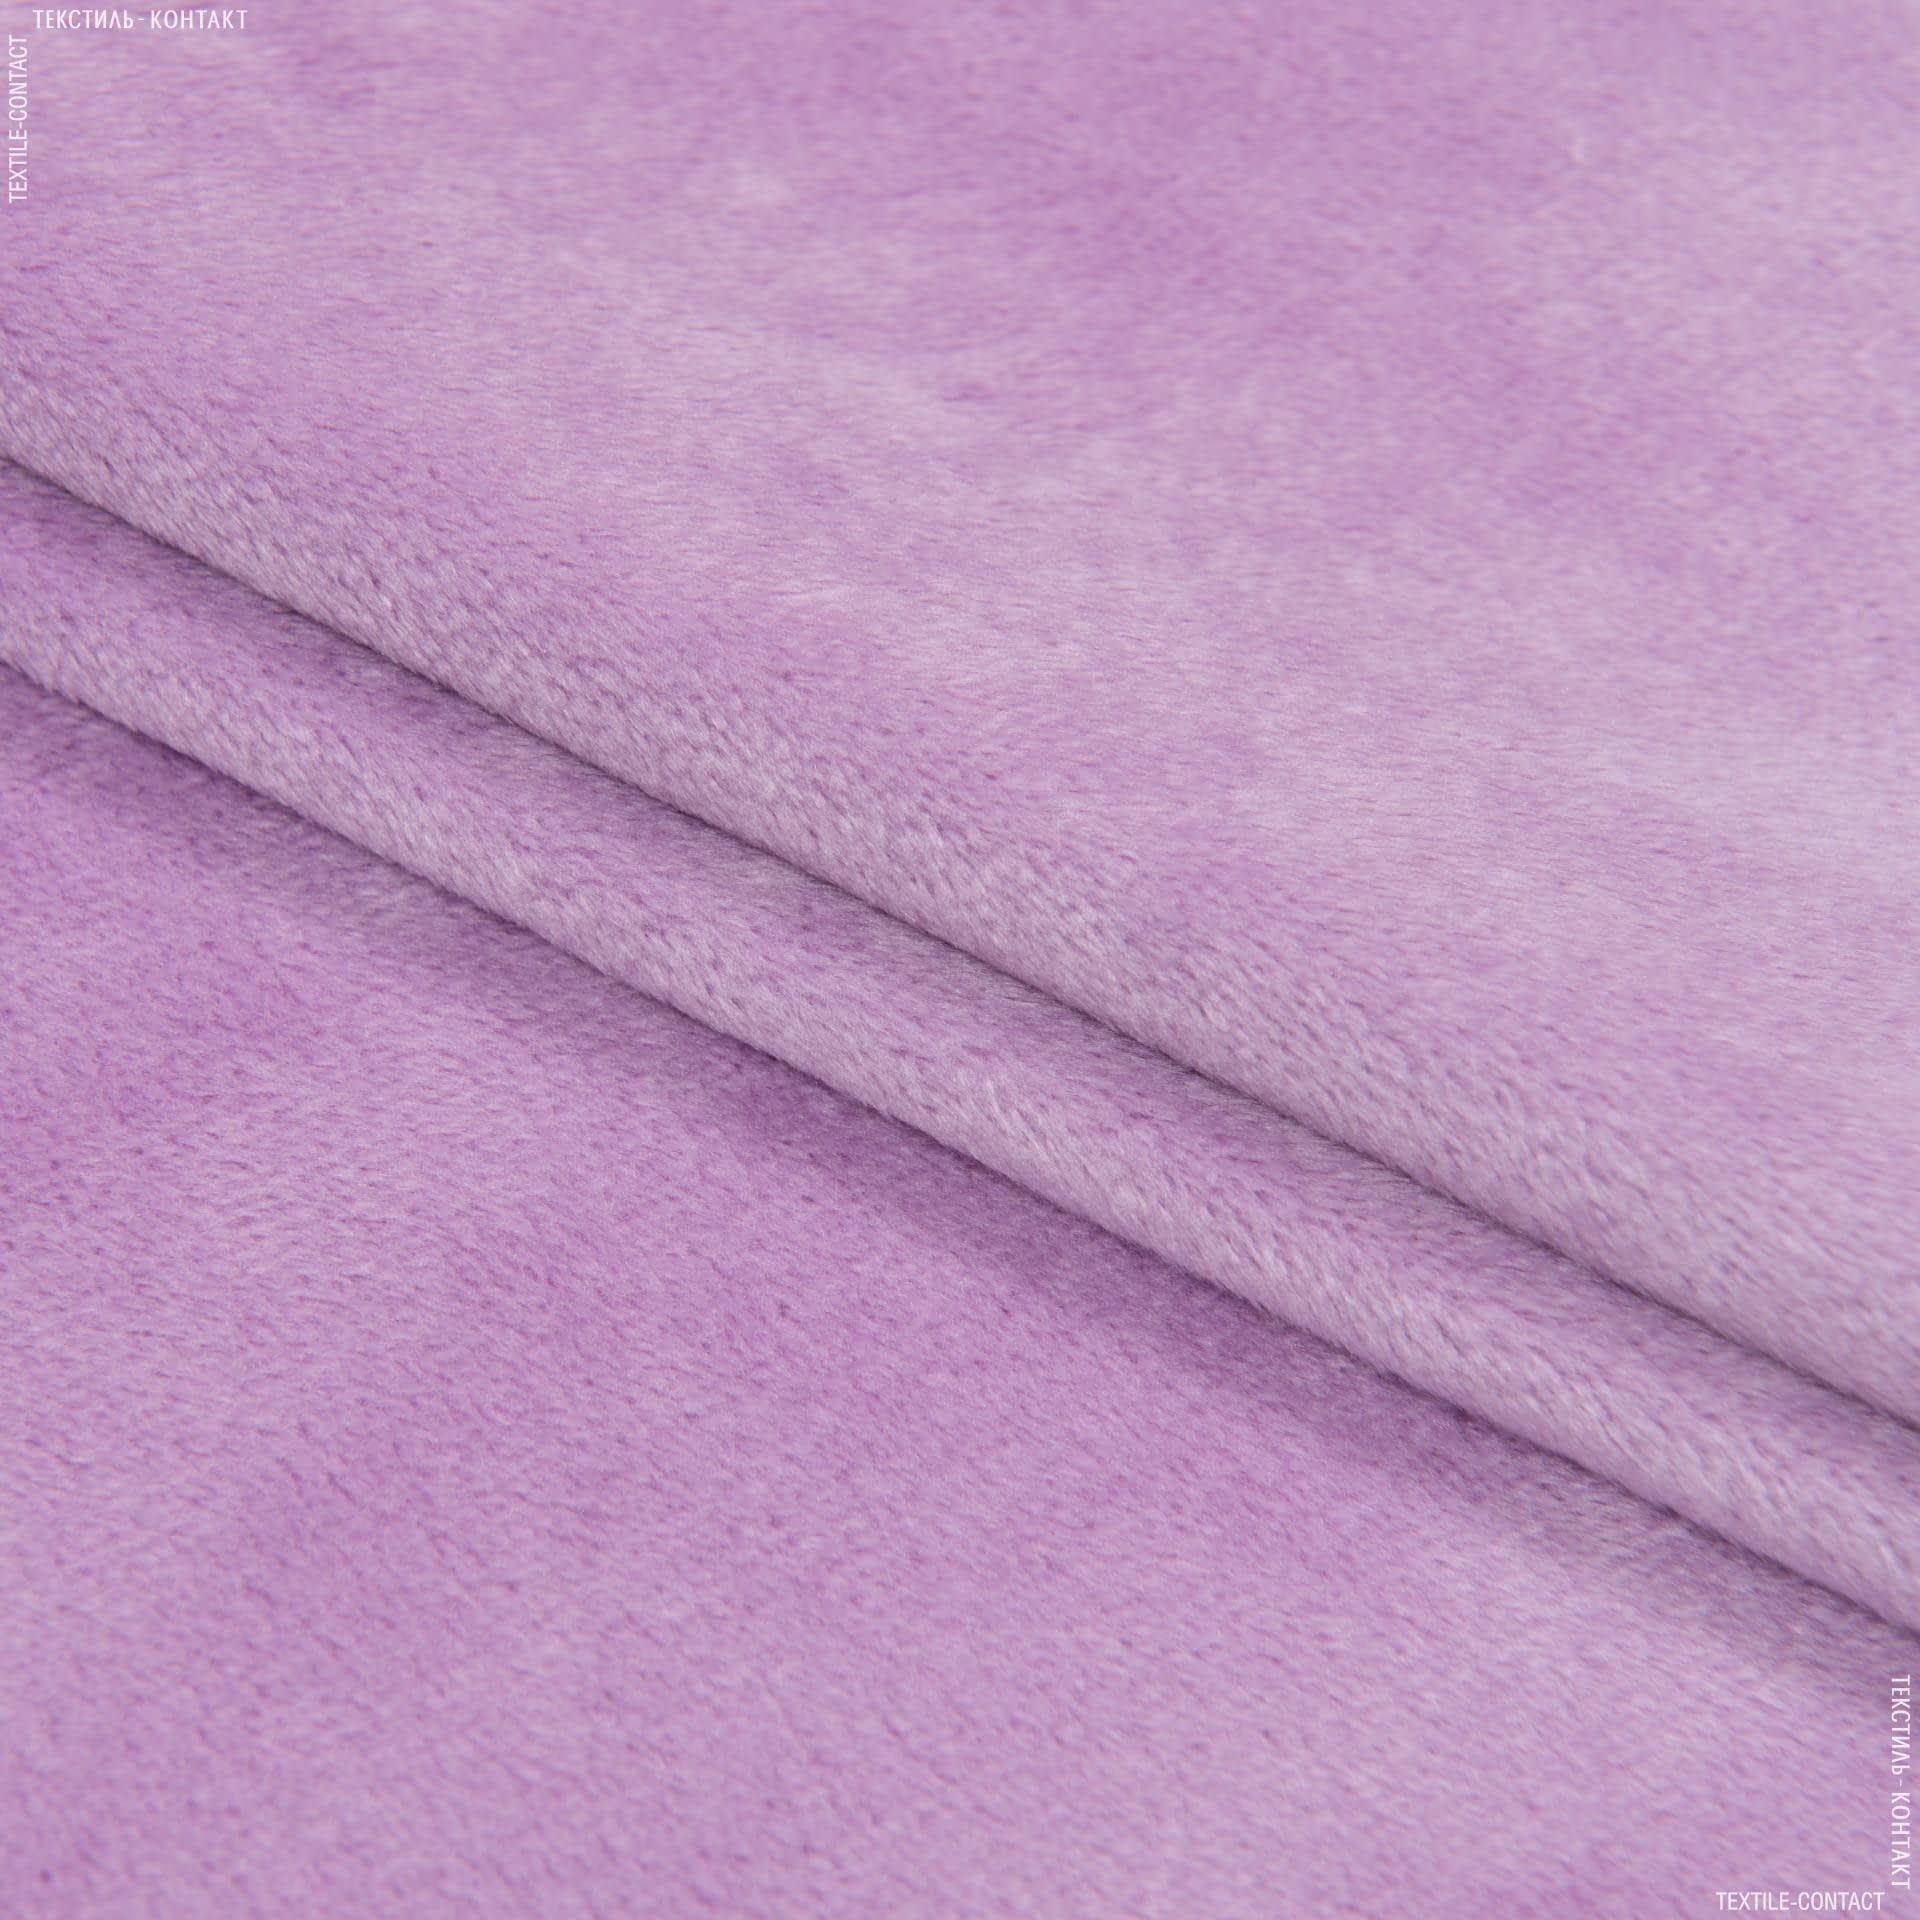 Ткани для верхней одежды - Плюш (вельбо) сиреневый